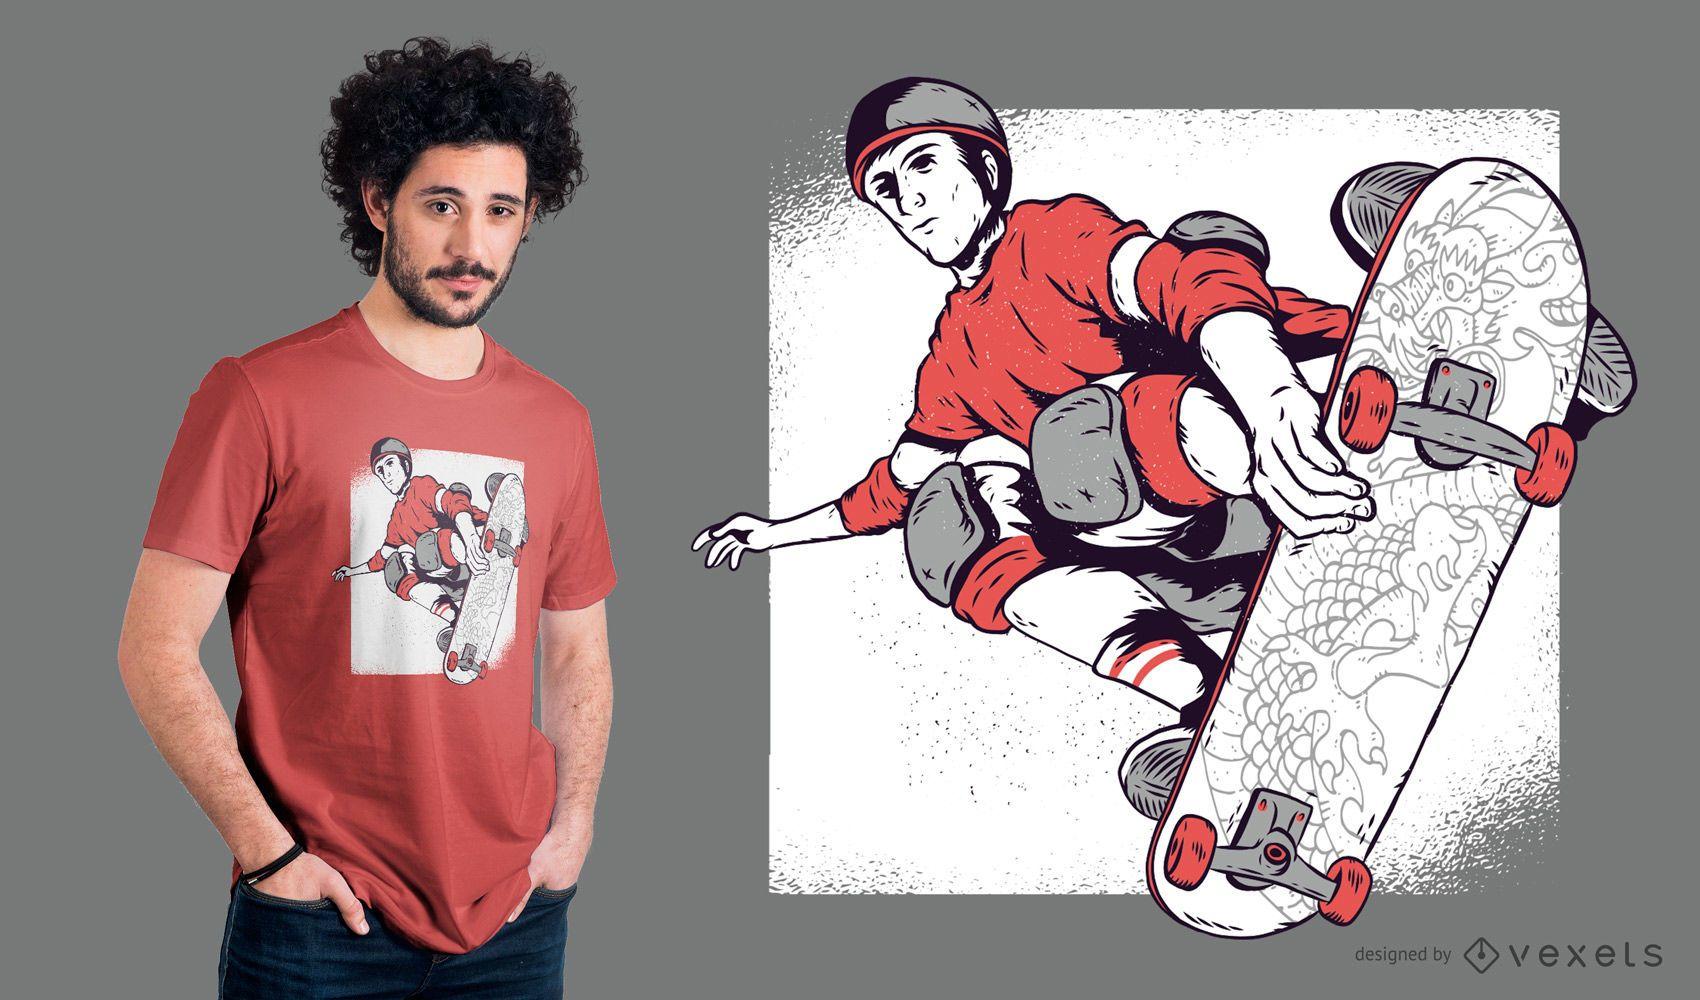 Vintage skater t-shirt design